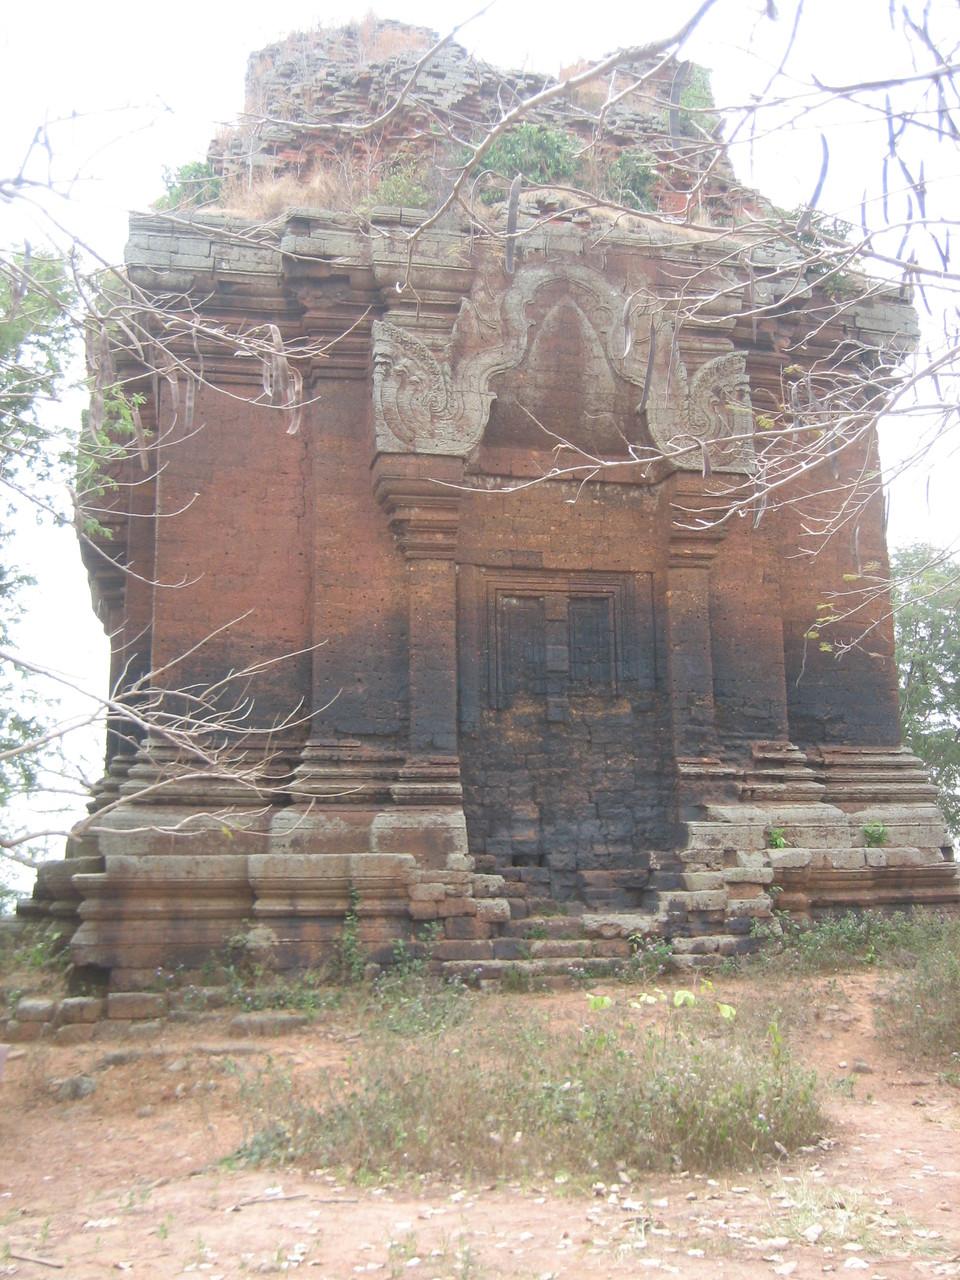 Le temple Phnom Da, dans la province de Takeo. Photo prise par Joseph Thach.